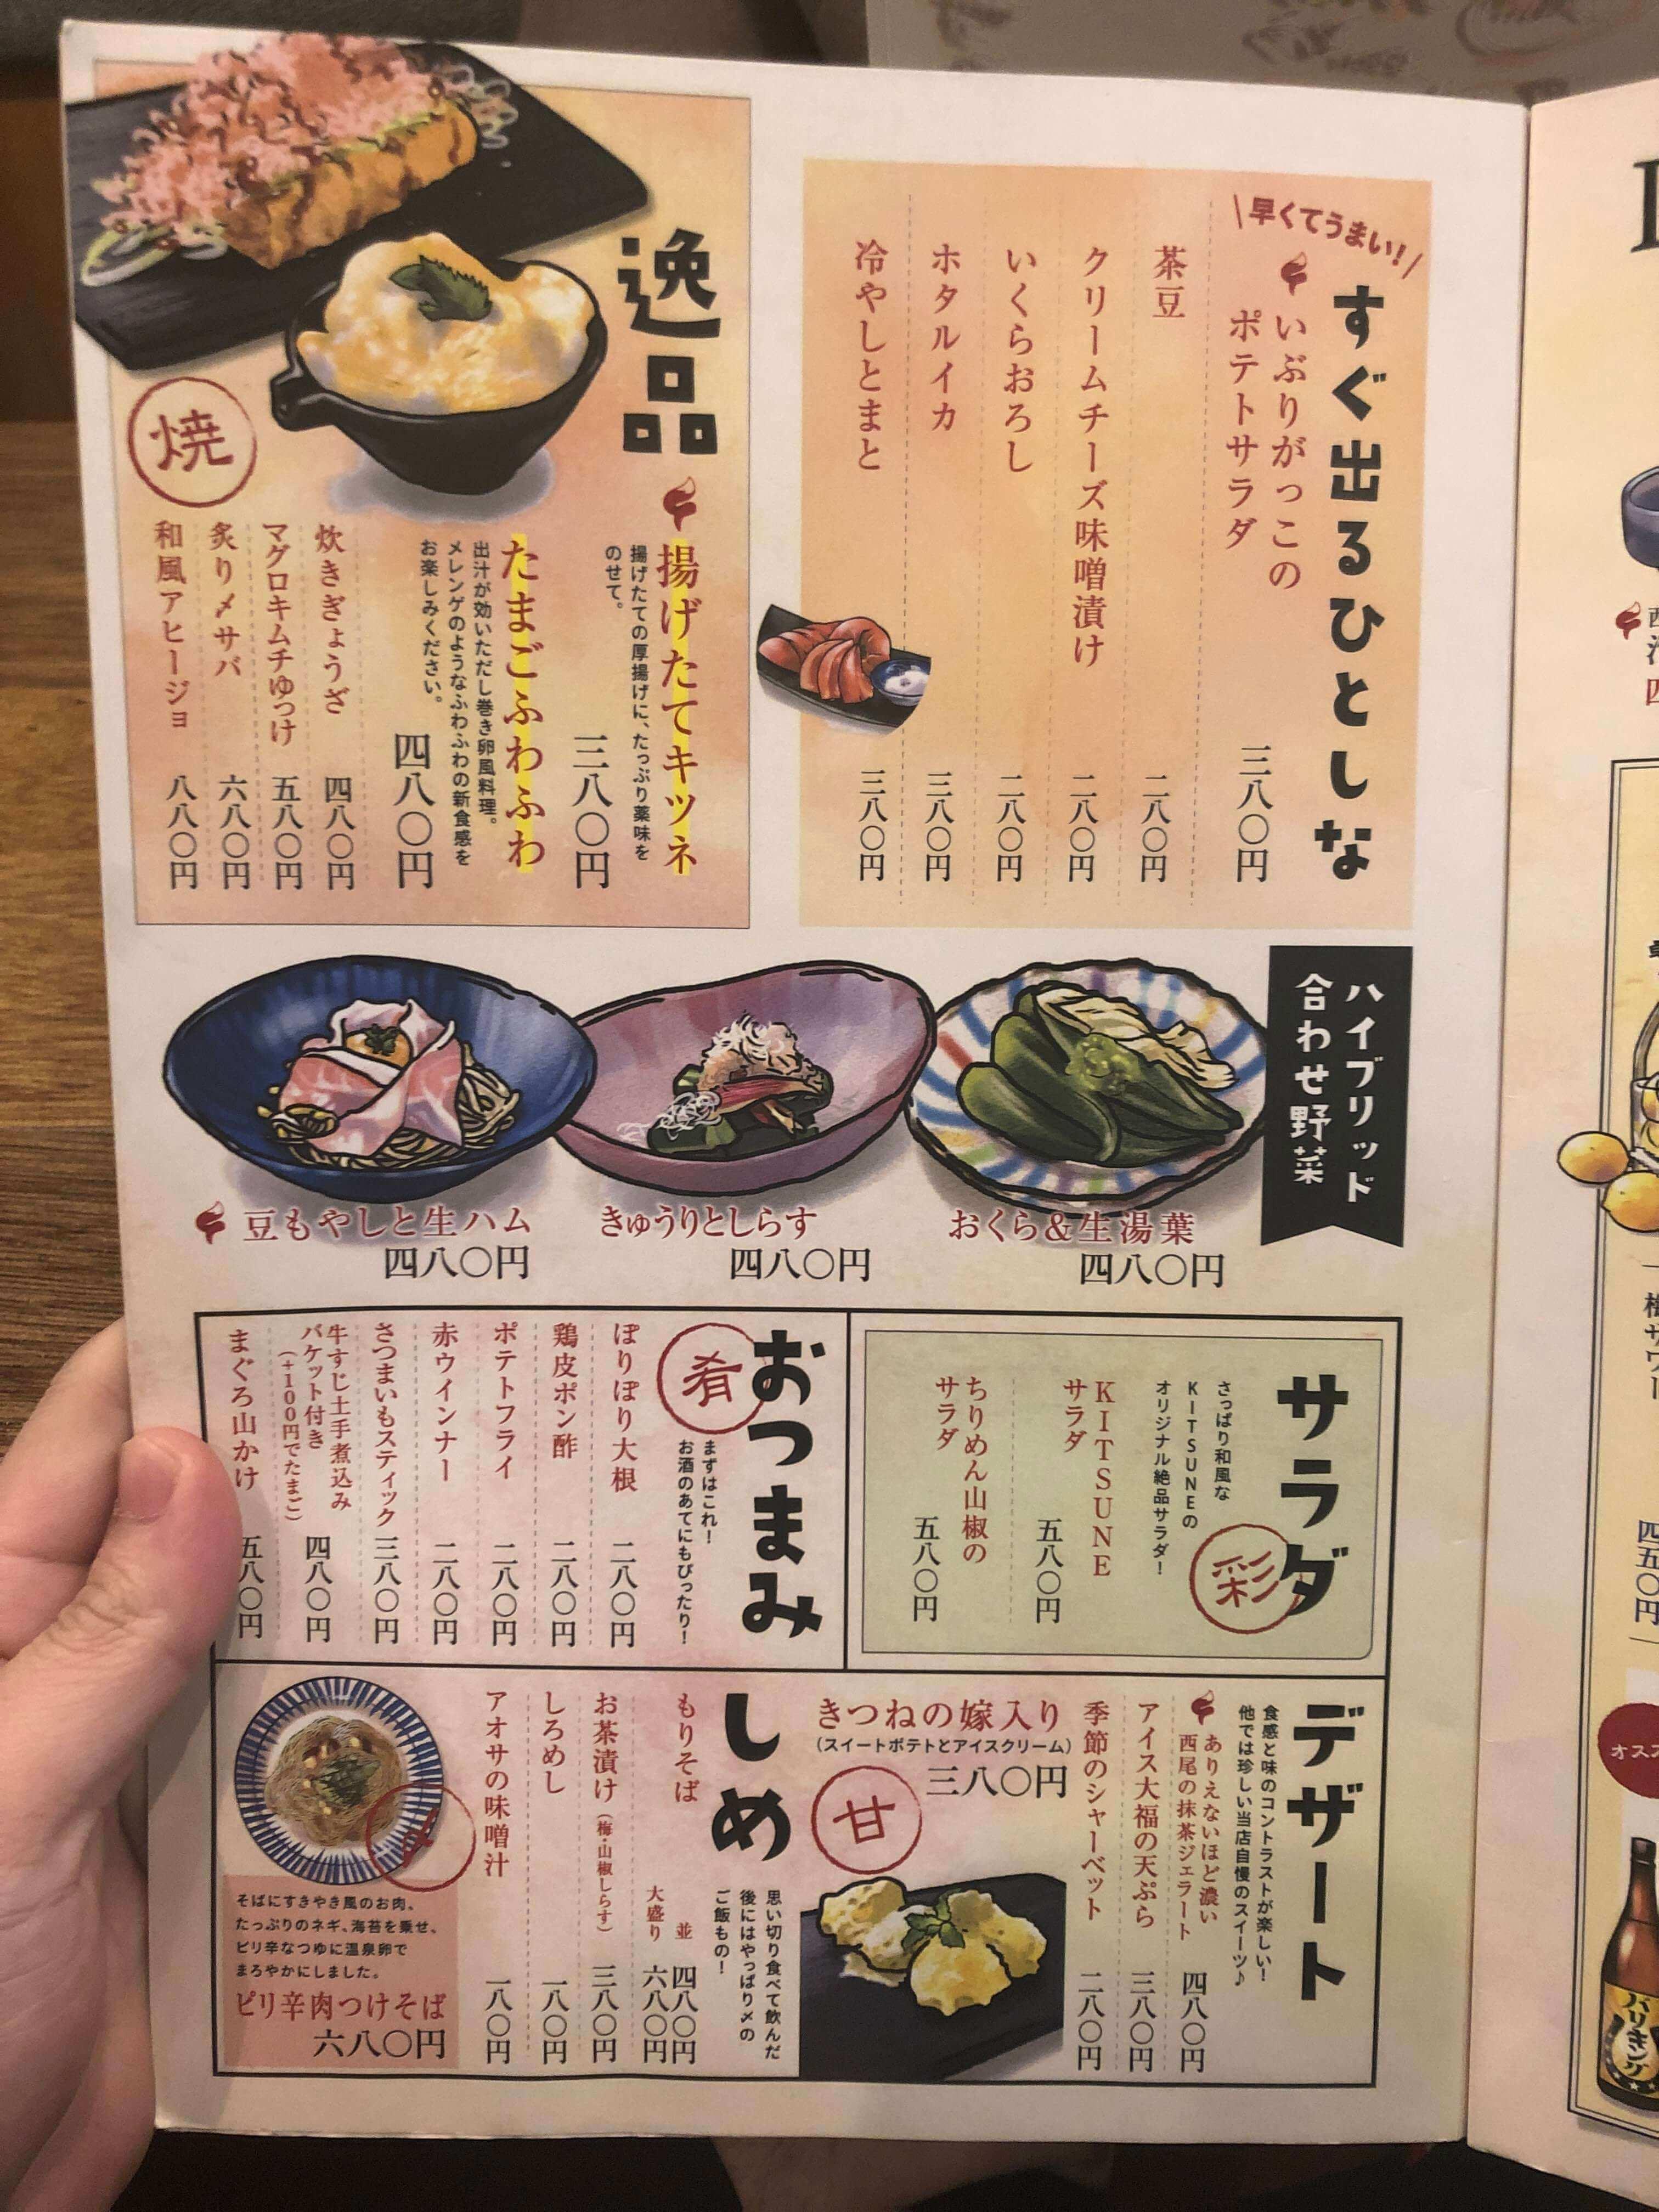 天ぷらスタンドKITSUNE メニュー